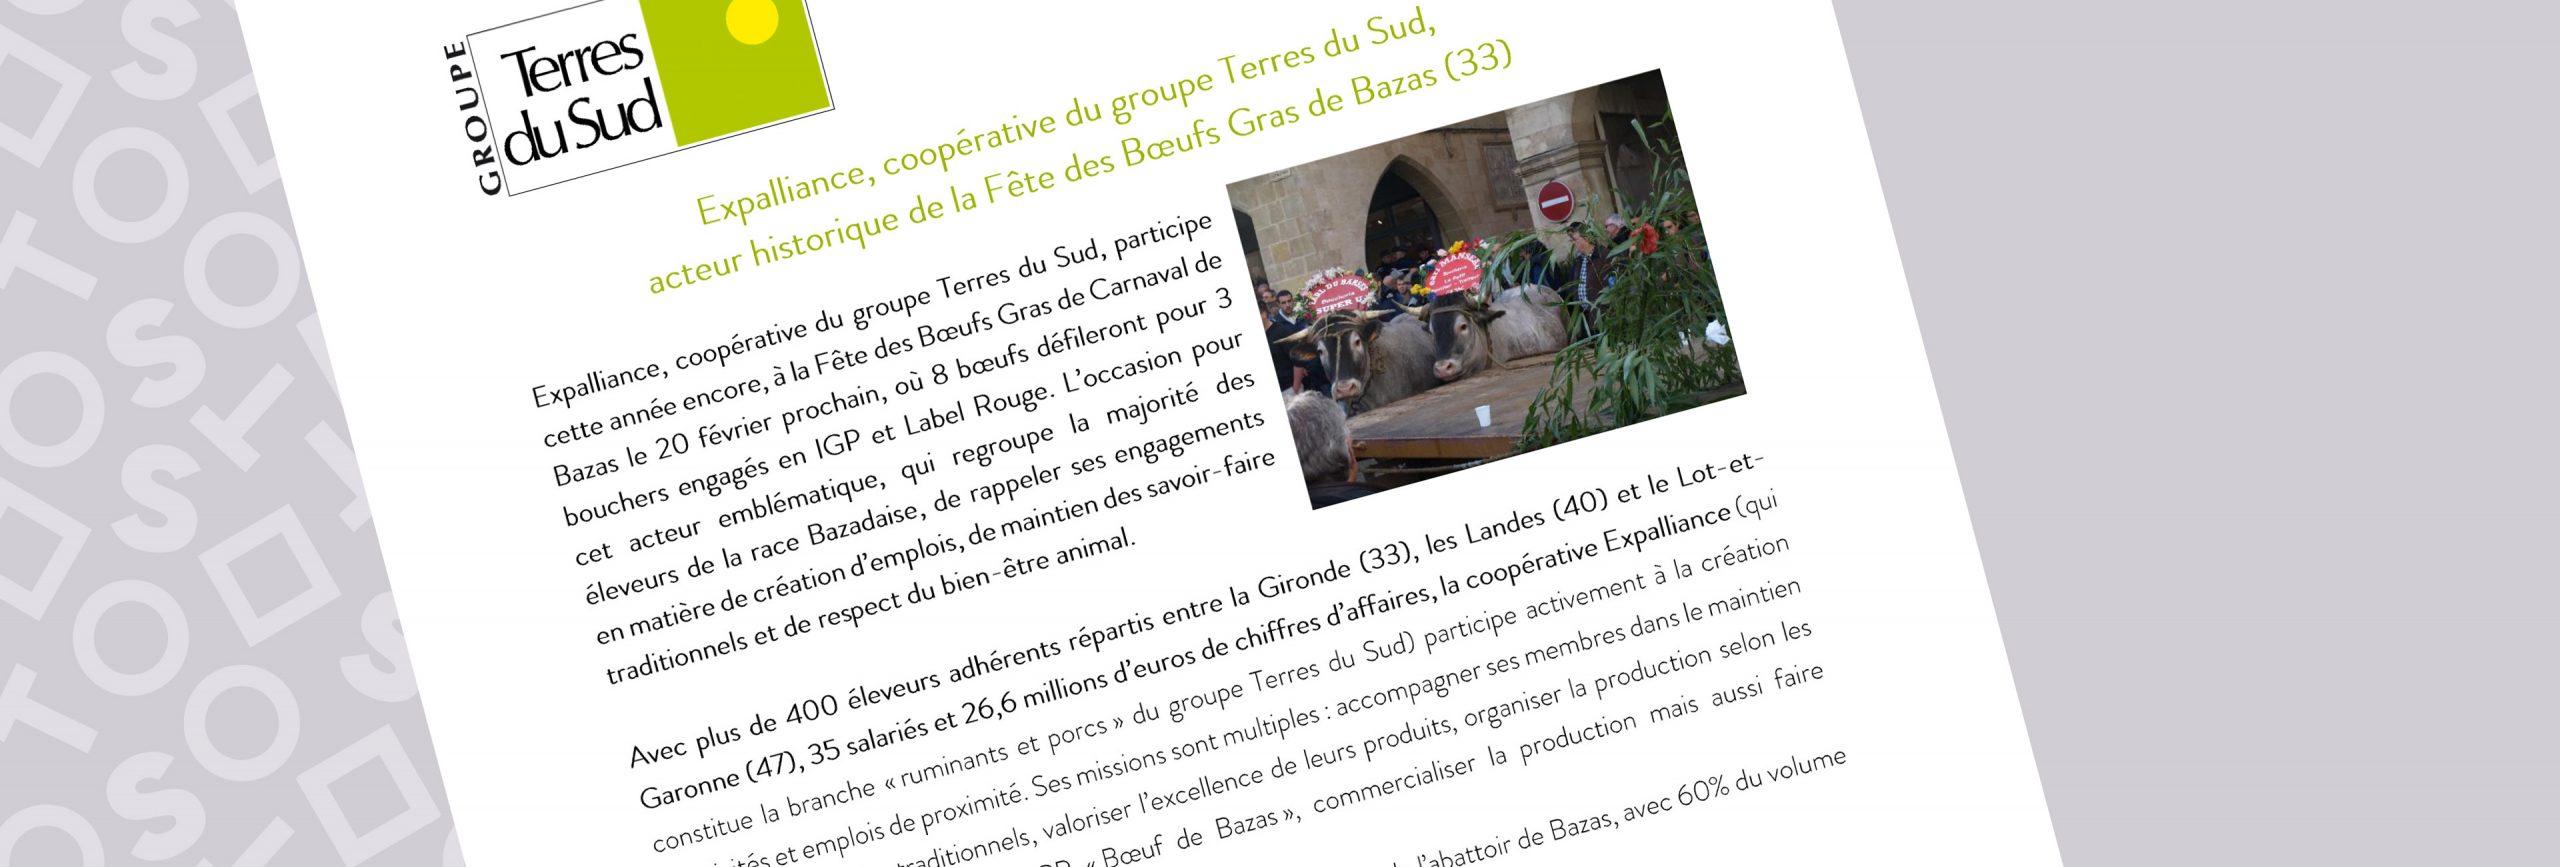 Communiqué de presse groupe terres du sud boeufs gras 2020